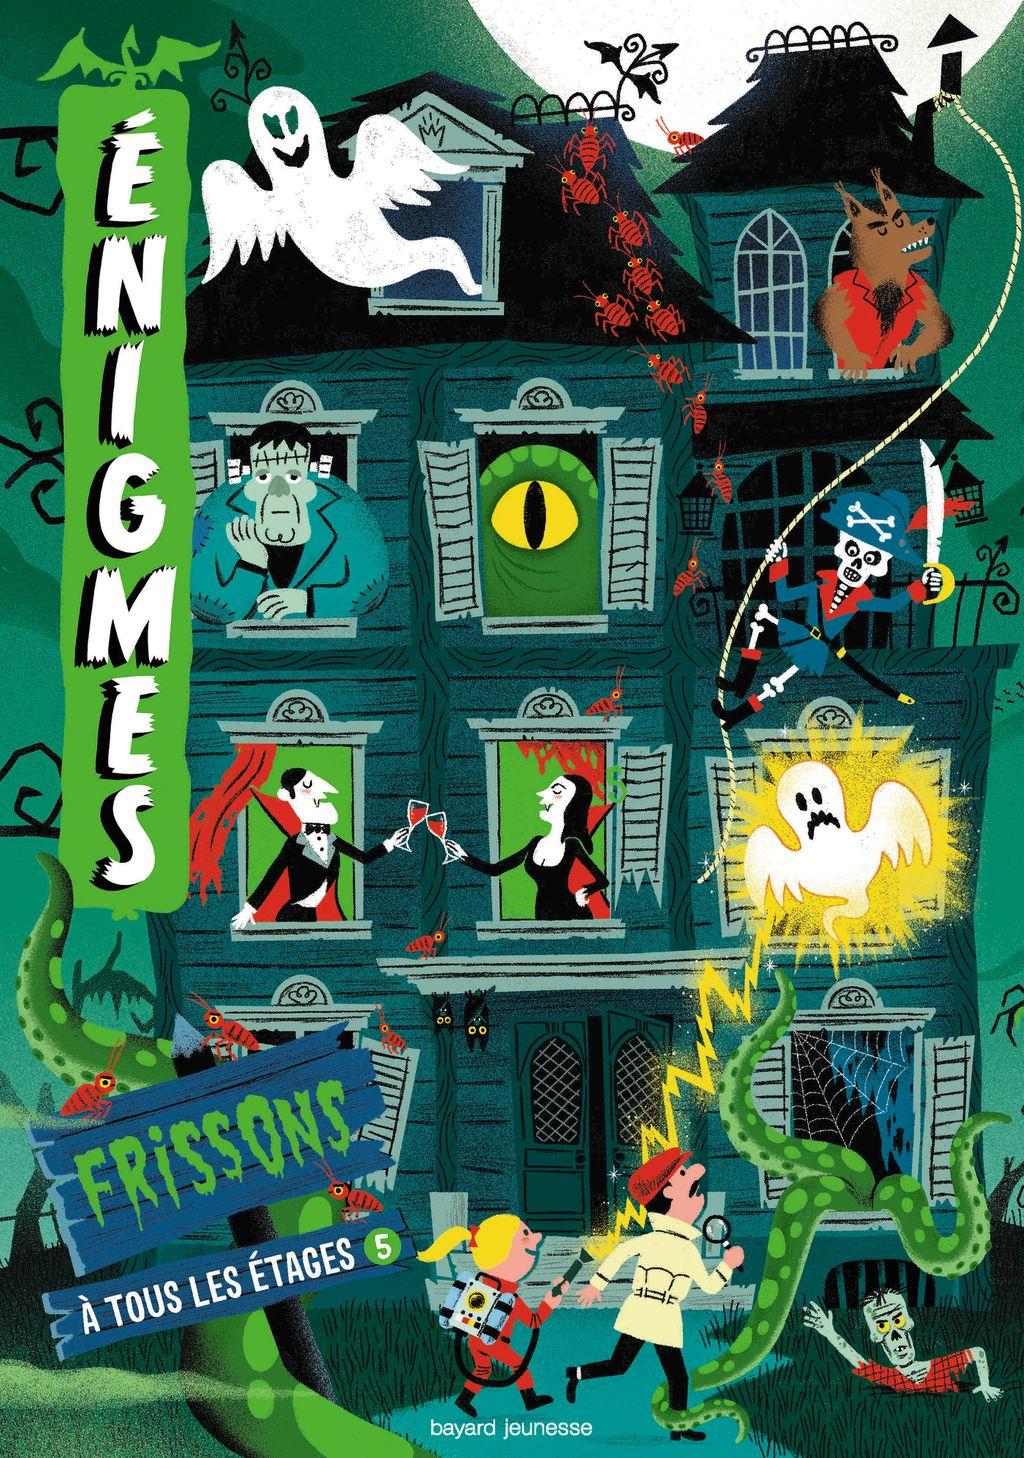 «Enigmes à tous les étages 5 / FRISSONS» cover